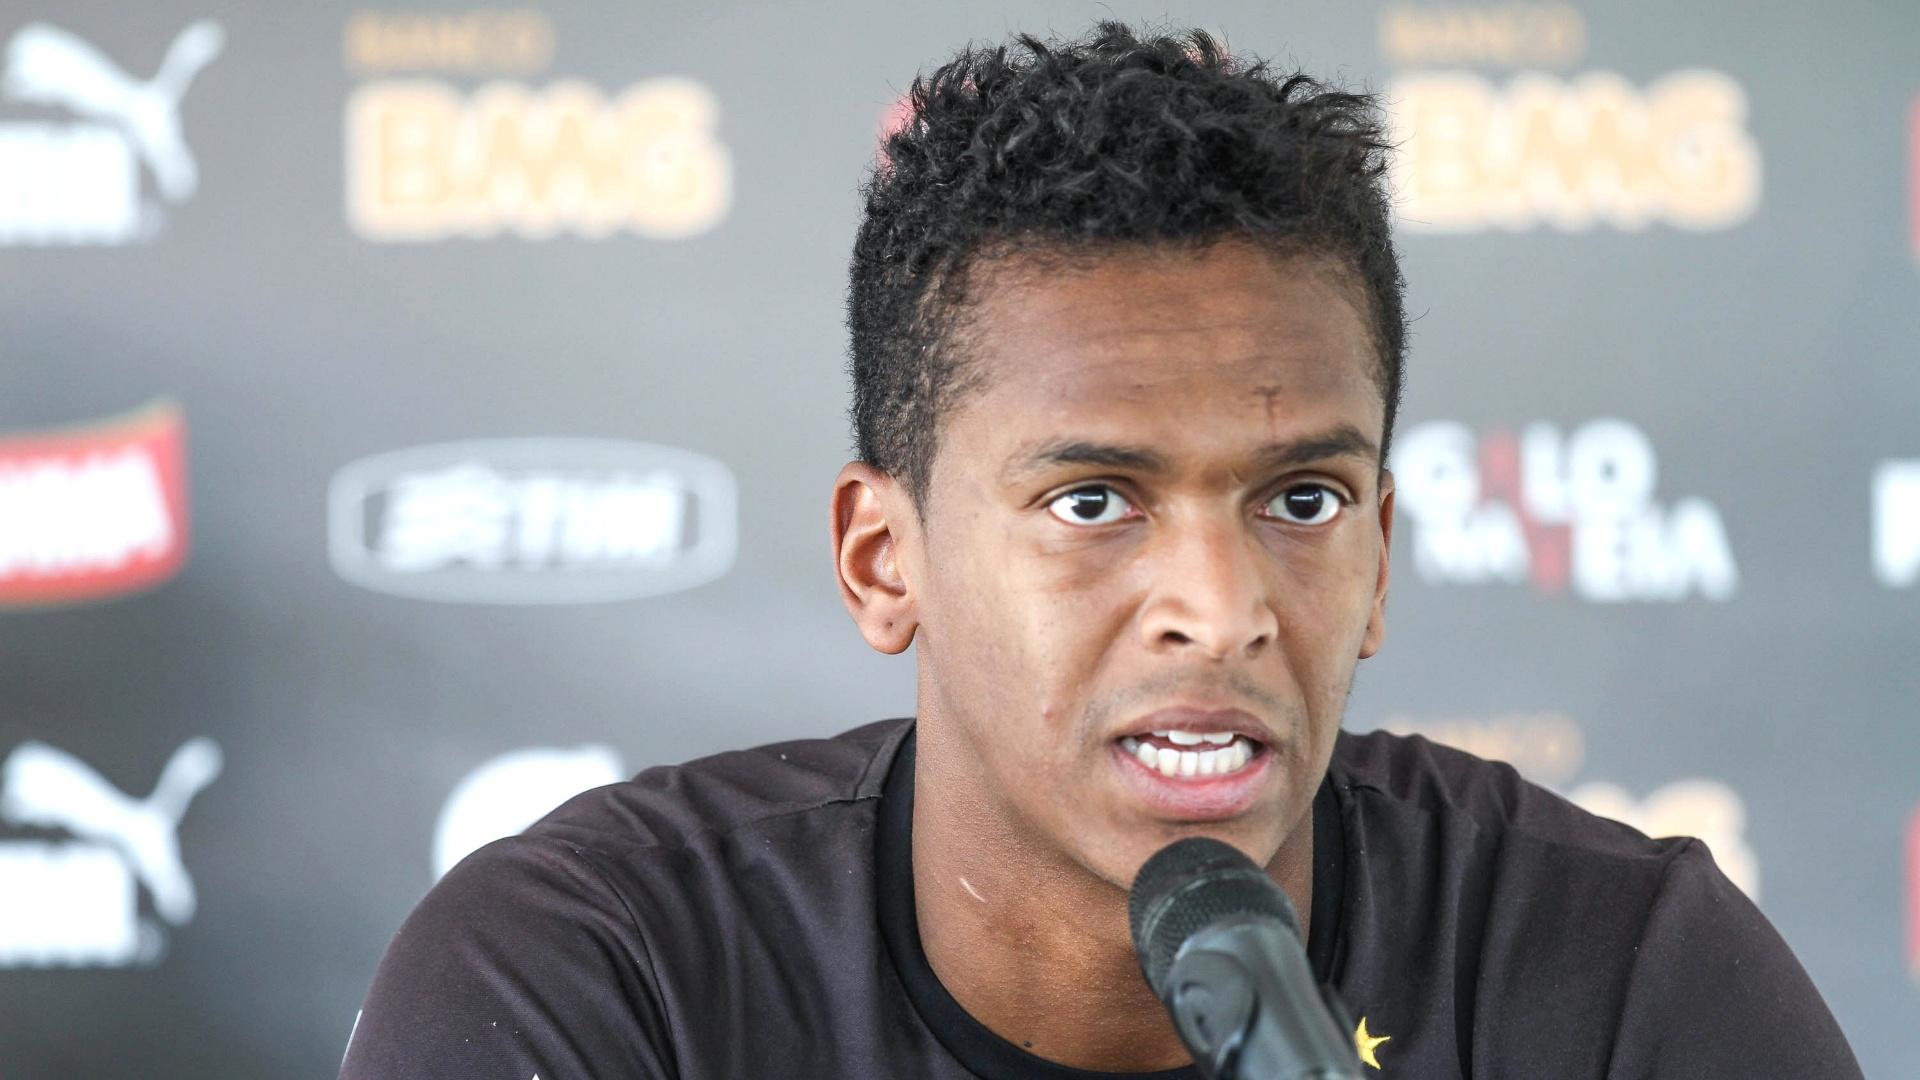 26 Ago. 2014 - Atacante Jô concede entrevista depois do treino do Atlético-MG na Cidade do Galo